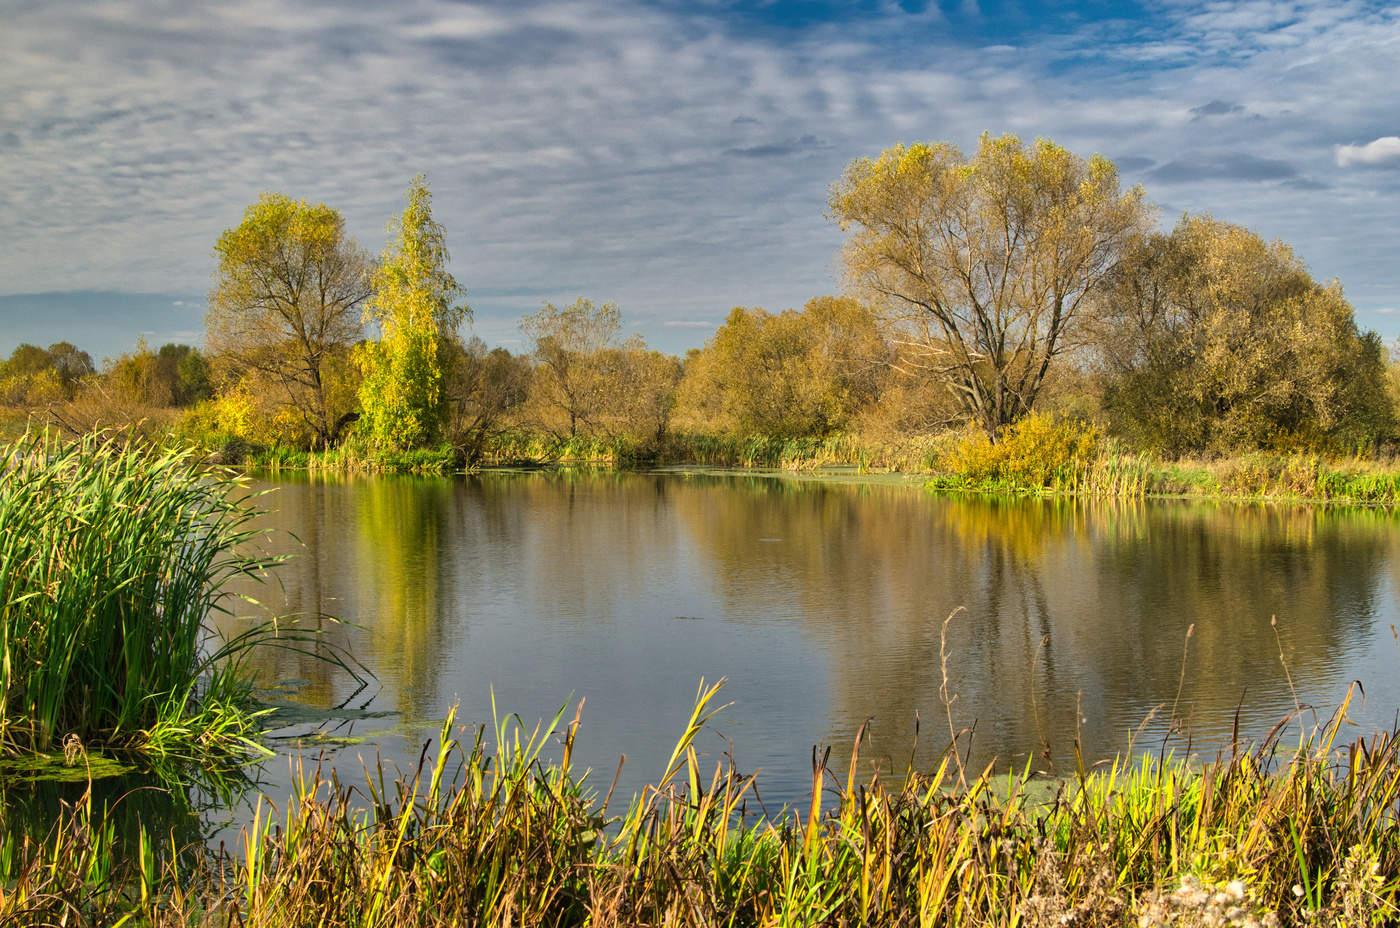 картинки природа средней полосы россии красивые весна, самое